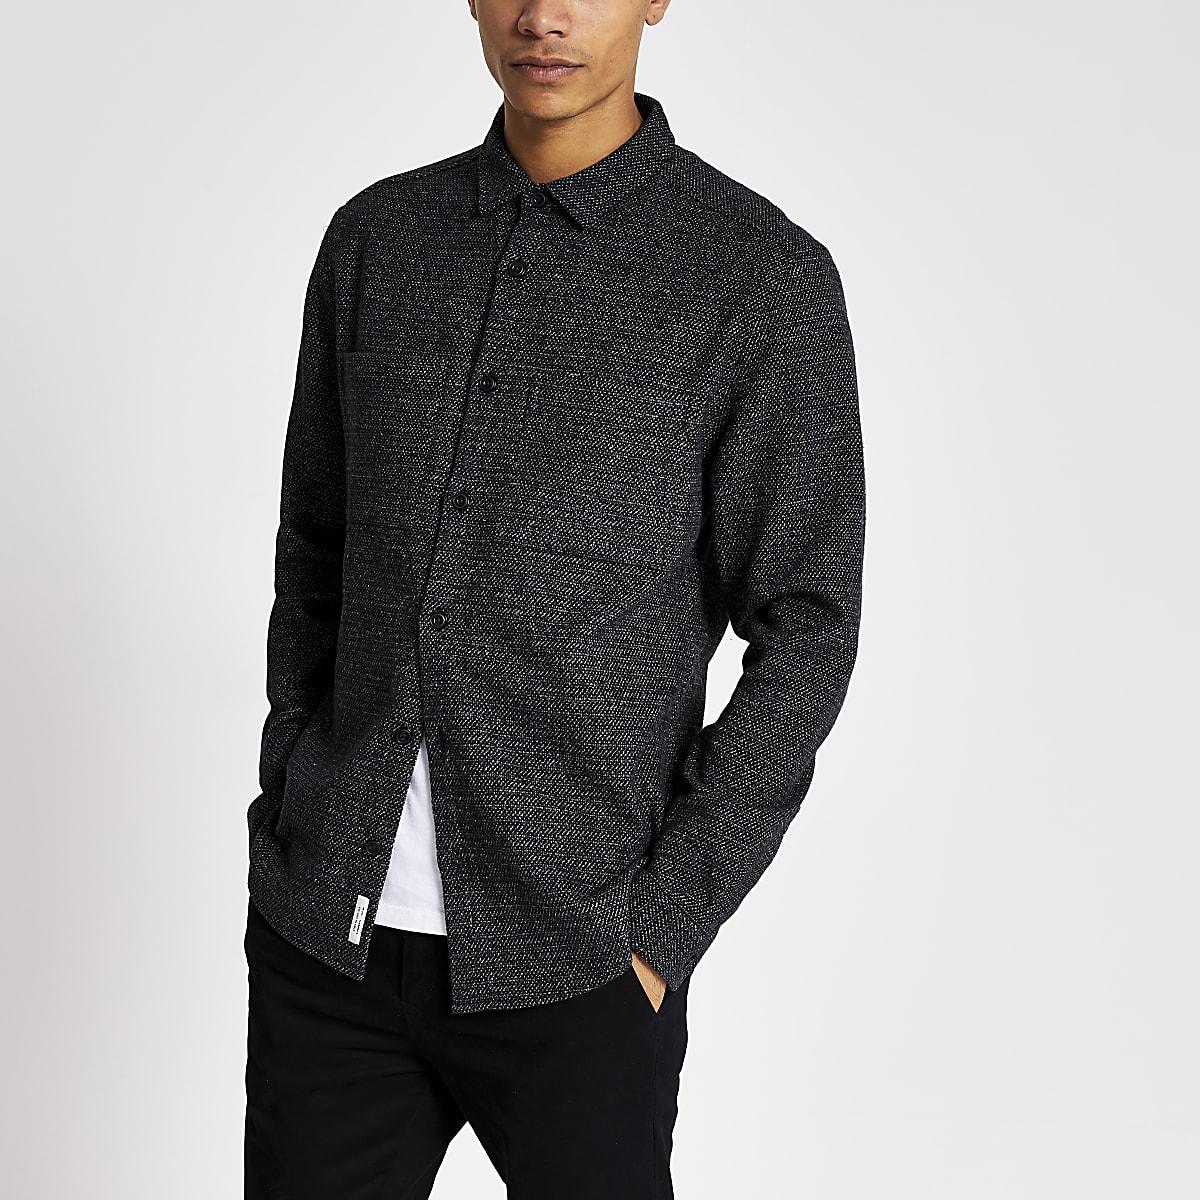 Chemise texturée gris foncé à manches longues